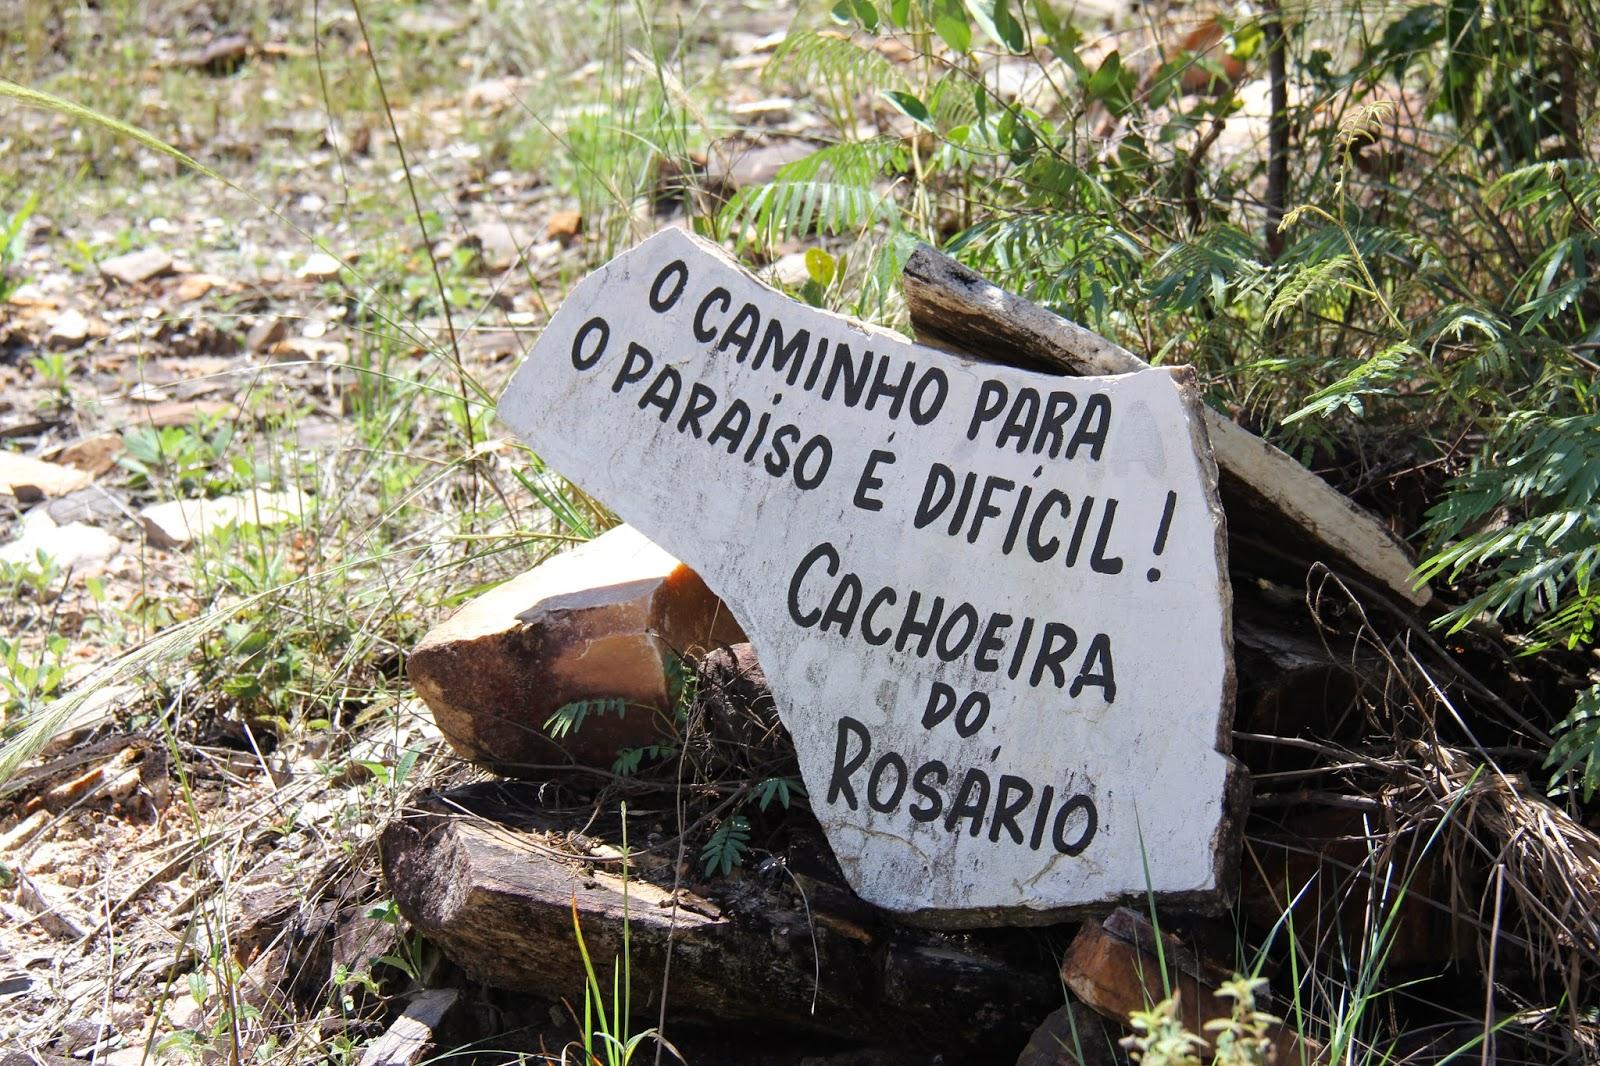 Cachoeira do Rosário em Pirenópolis